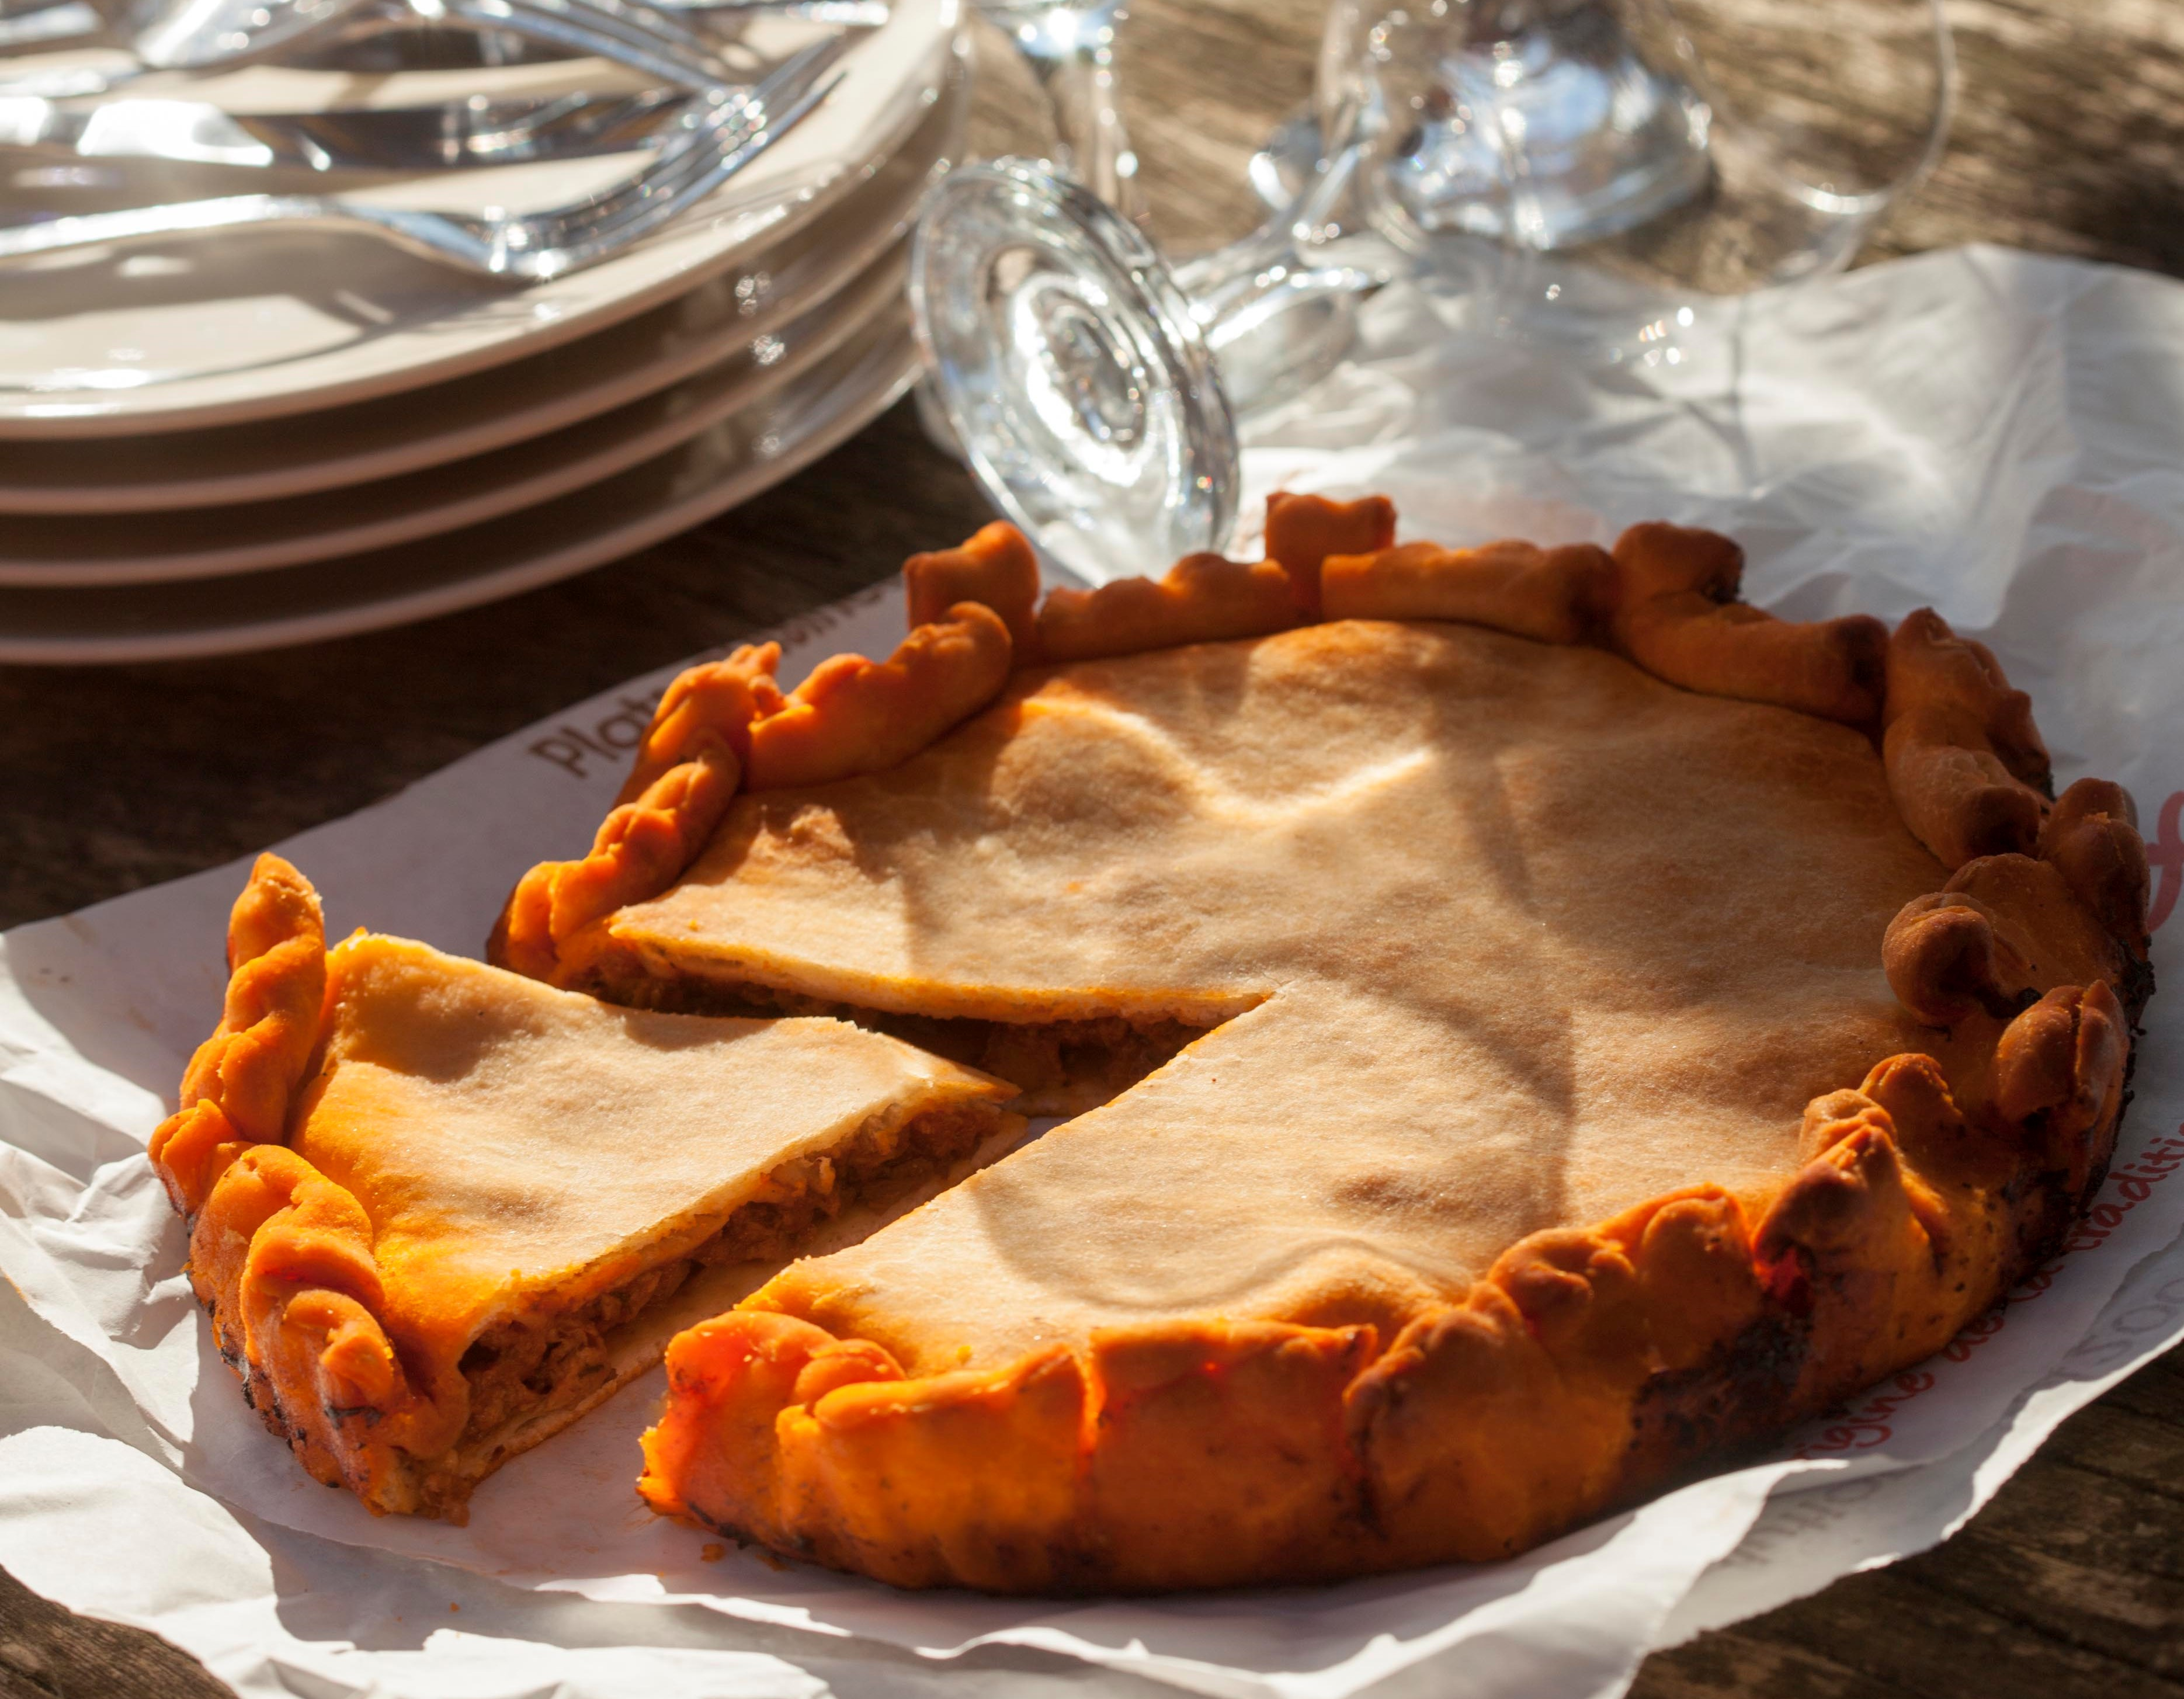 gastronomie-fetes-emporter-sete-Occitanie - © J.P  Degas